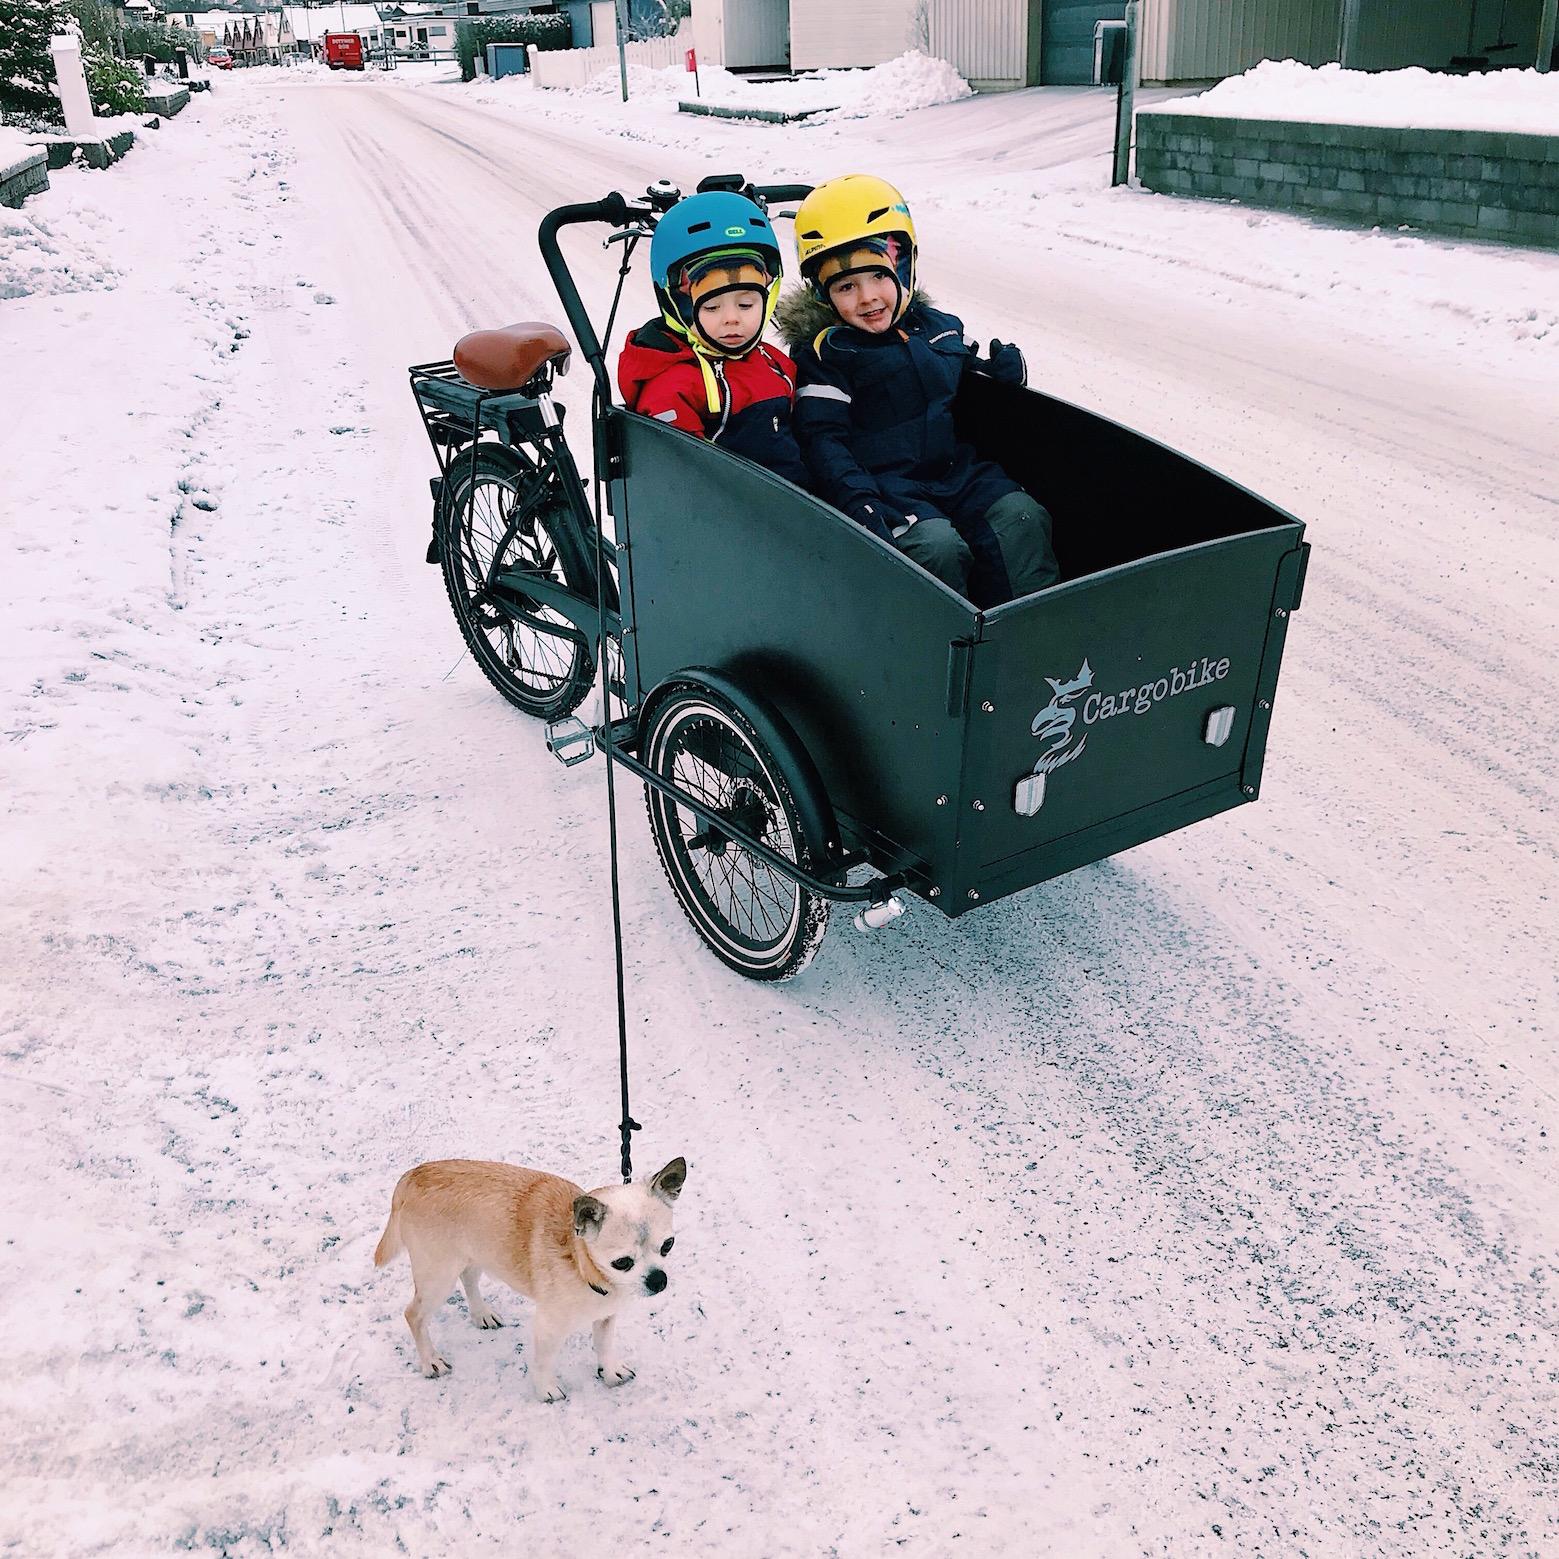 caer of gerd - 24/7 balm - ute - vinter - snö - kyla